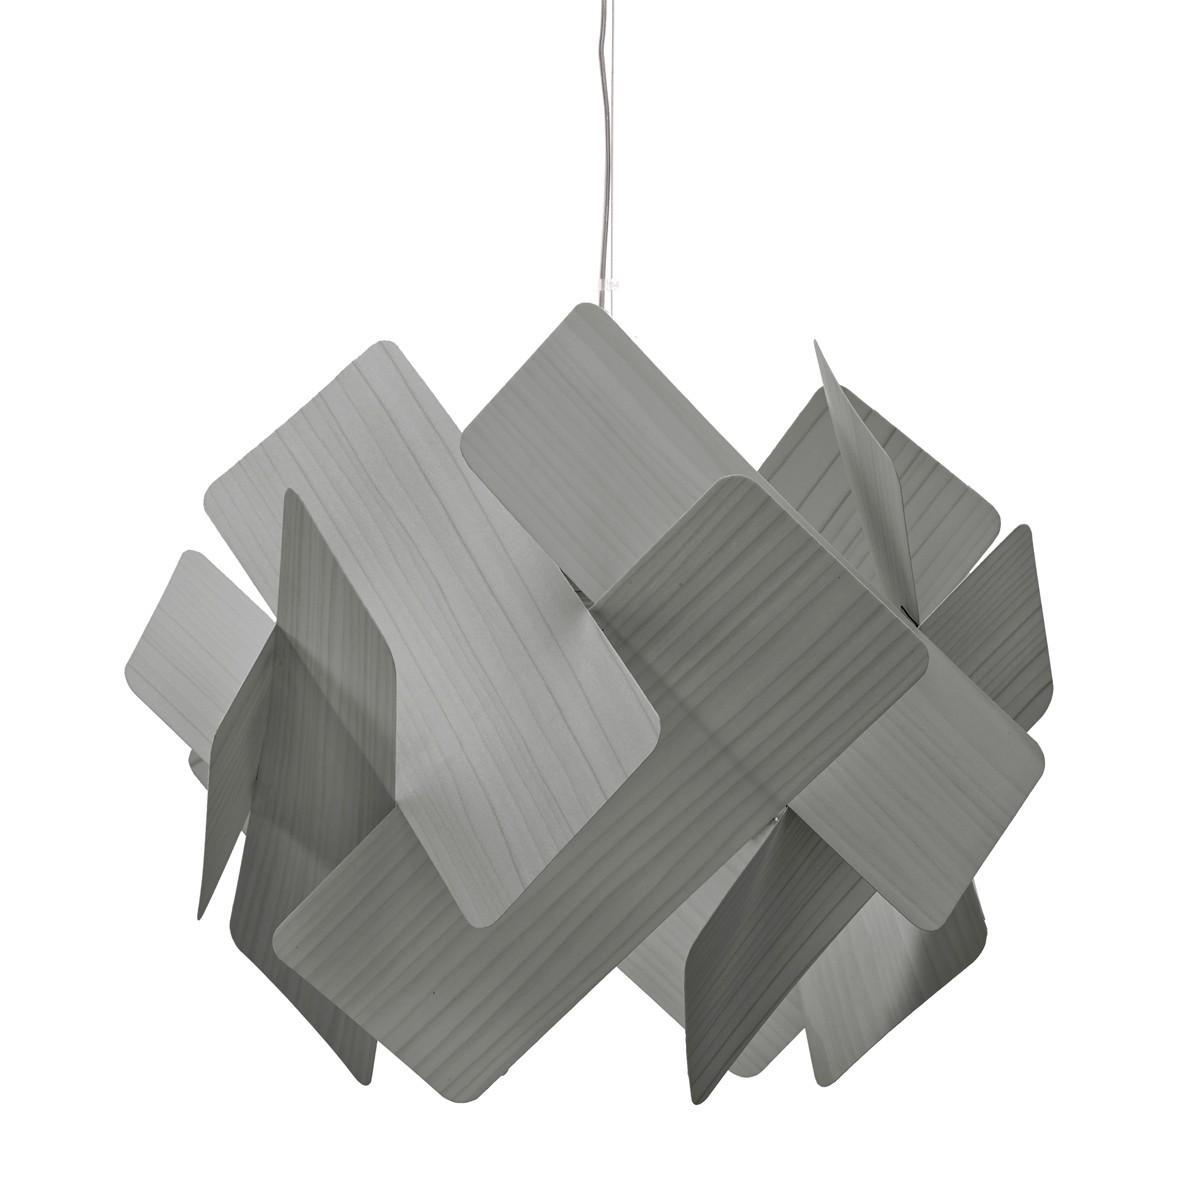 LZF Lamps Escape Large Pendelleuchte, grau